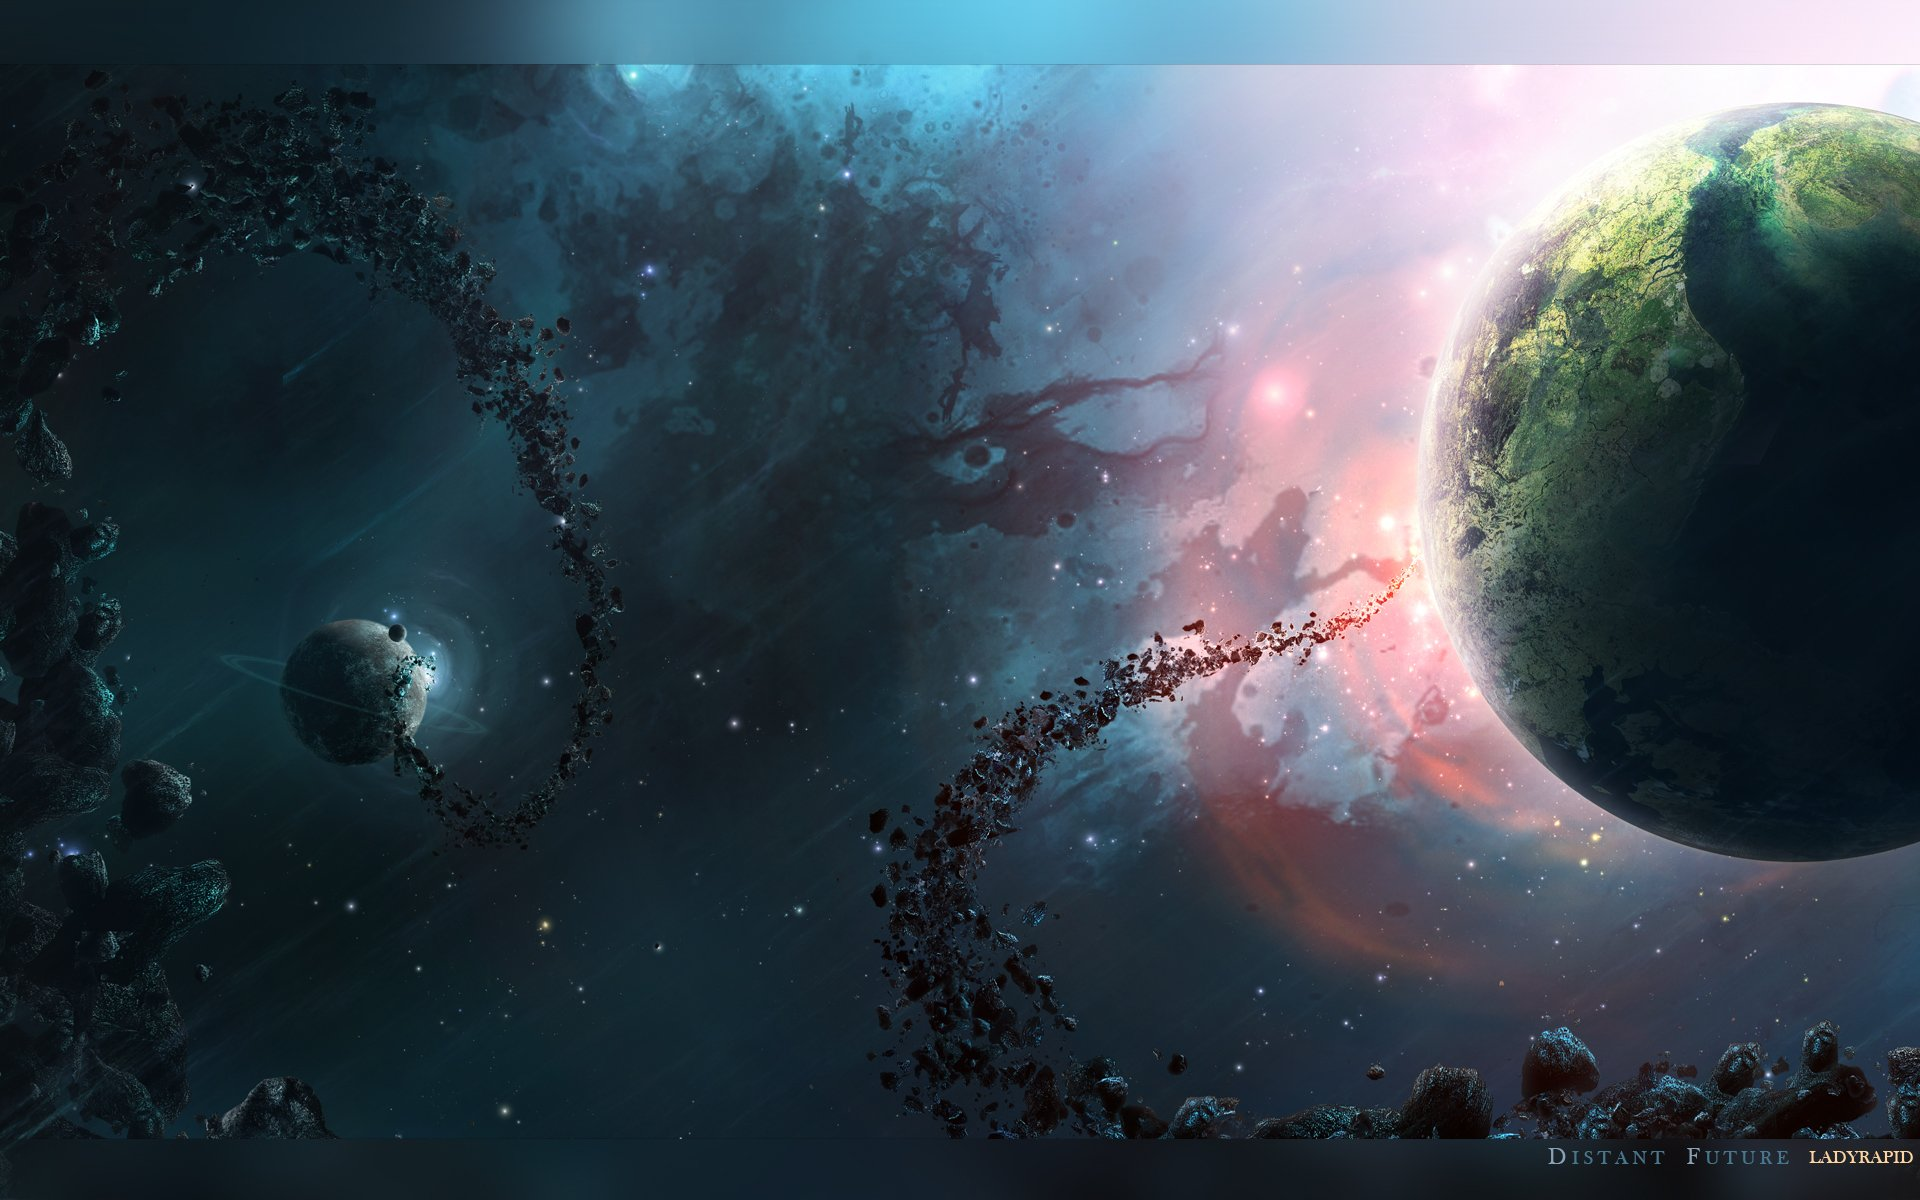 Nebula Universe Wallpapers HD Wallpapers 1920x1200